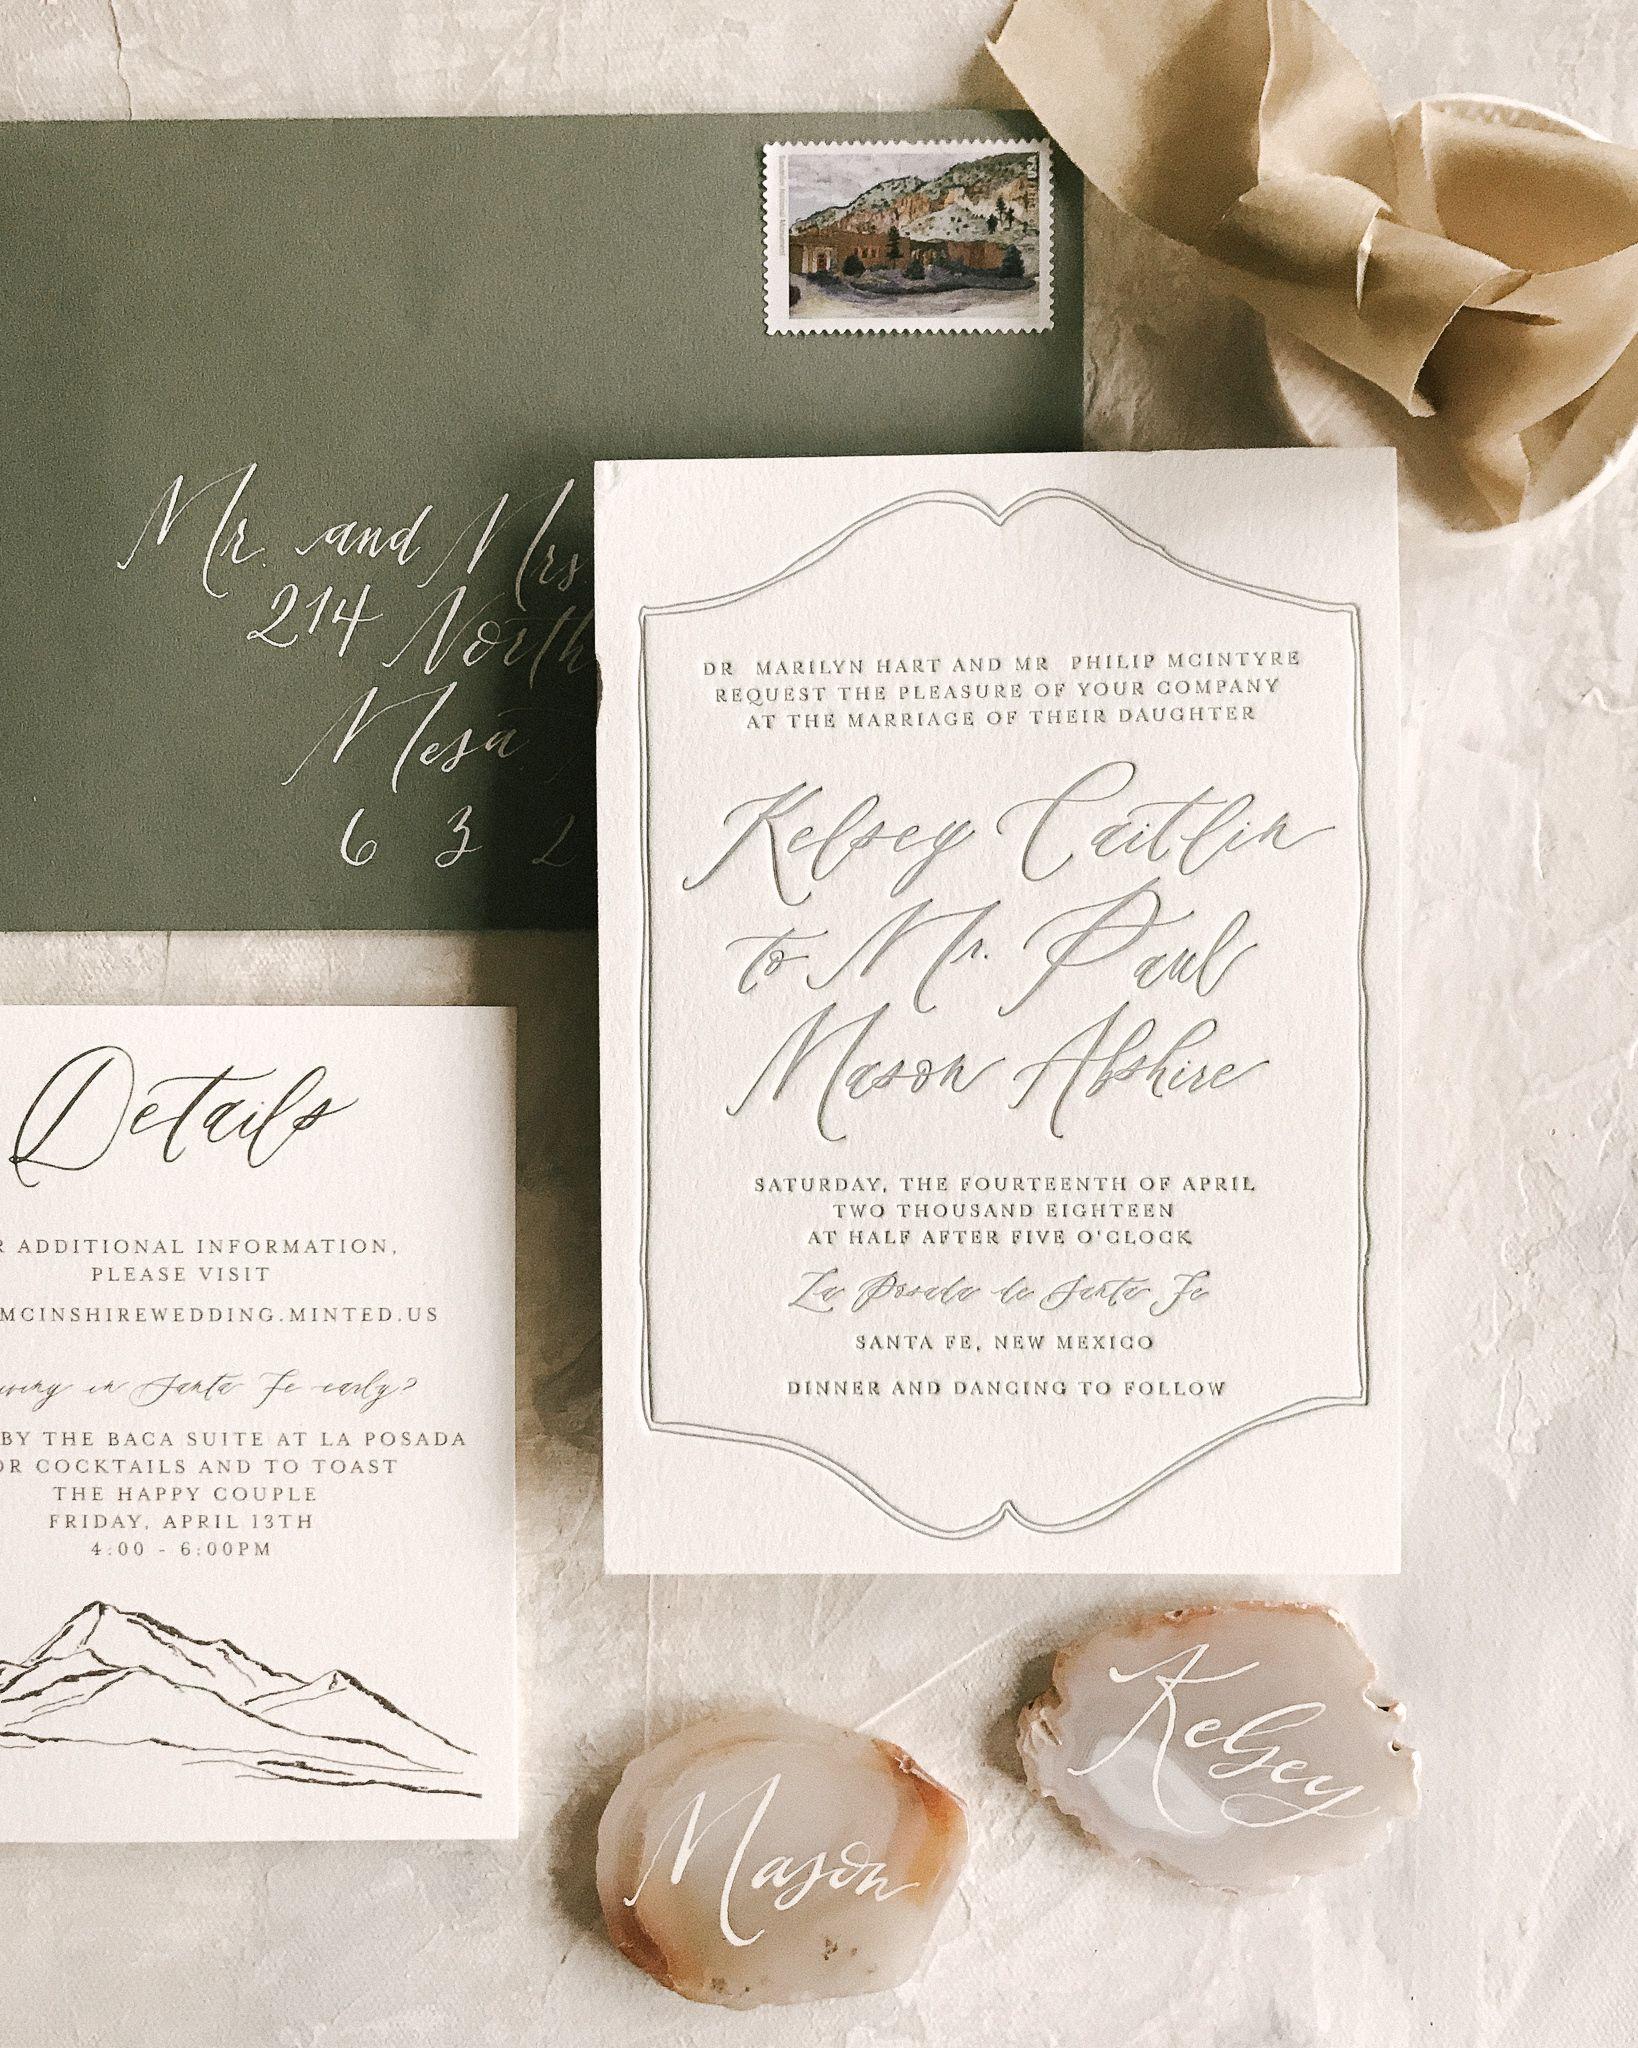 Wedding Invitation Etiquette Series Invitation Wording